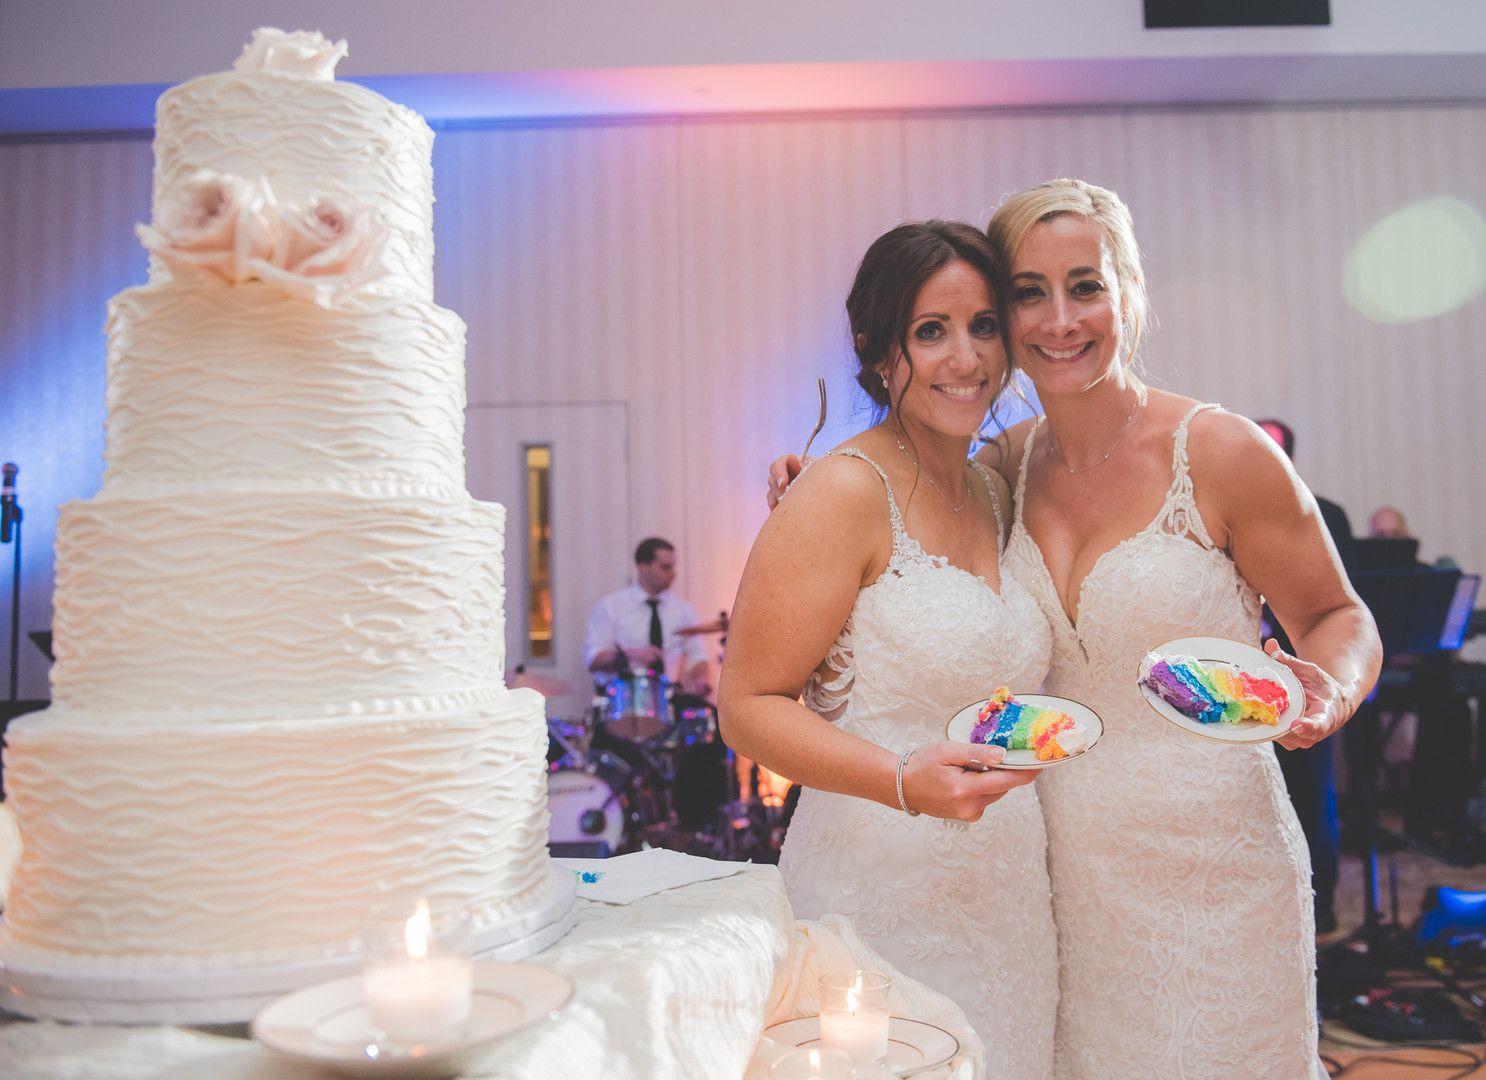 same sex marriage wedding planning in Maple Ridzhruen